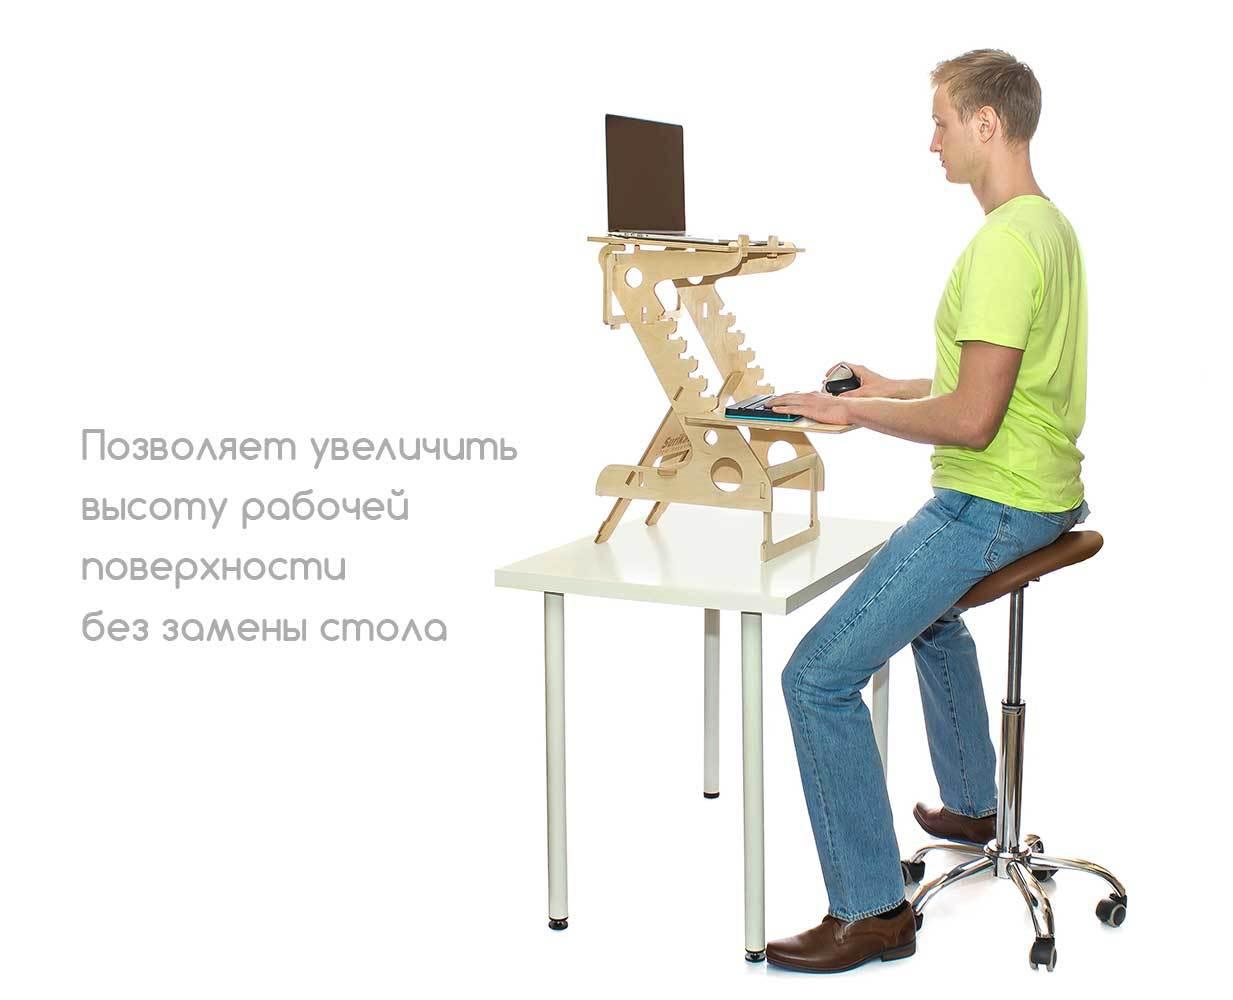 Позволяет увеличить высоту рабочей поверхности без замены стола